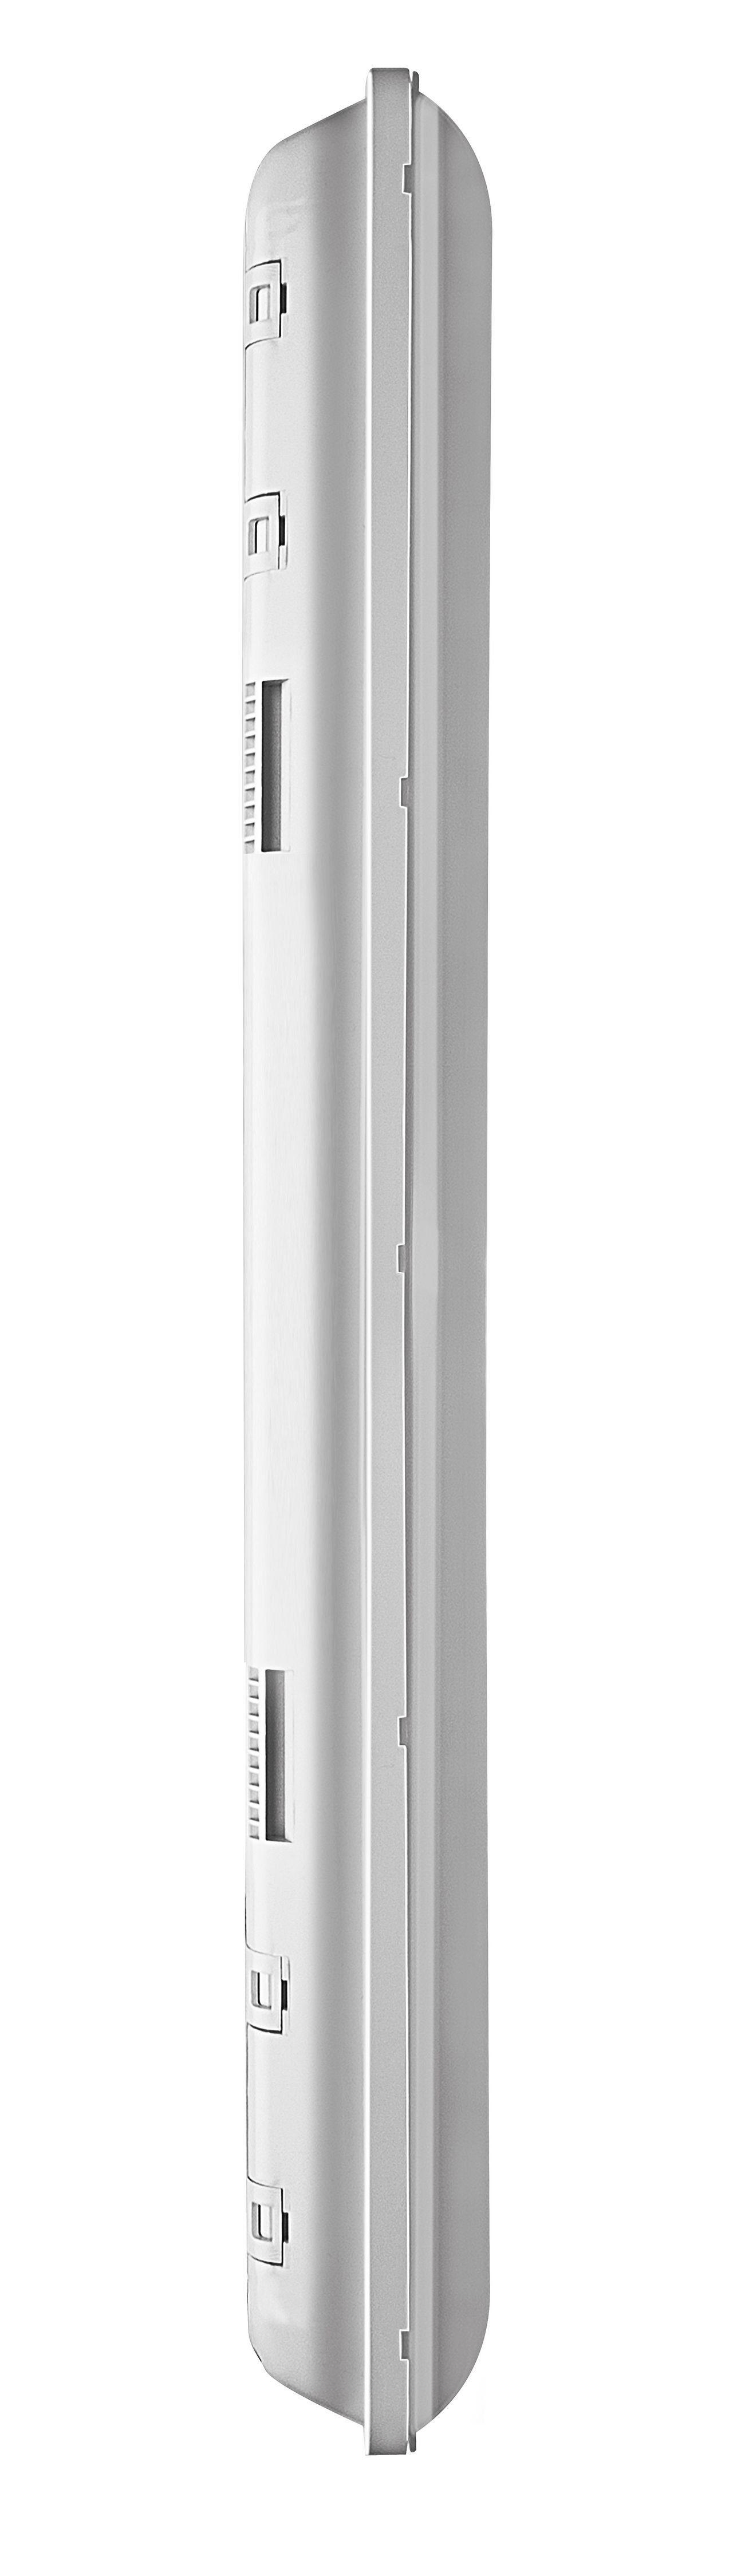 Osram Feuchtraumleuchte, staubdicht, strahlwassergeschützt »Leuchtmittel, SubMARINE LED i 0.6 840«